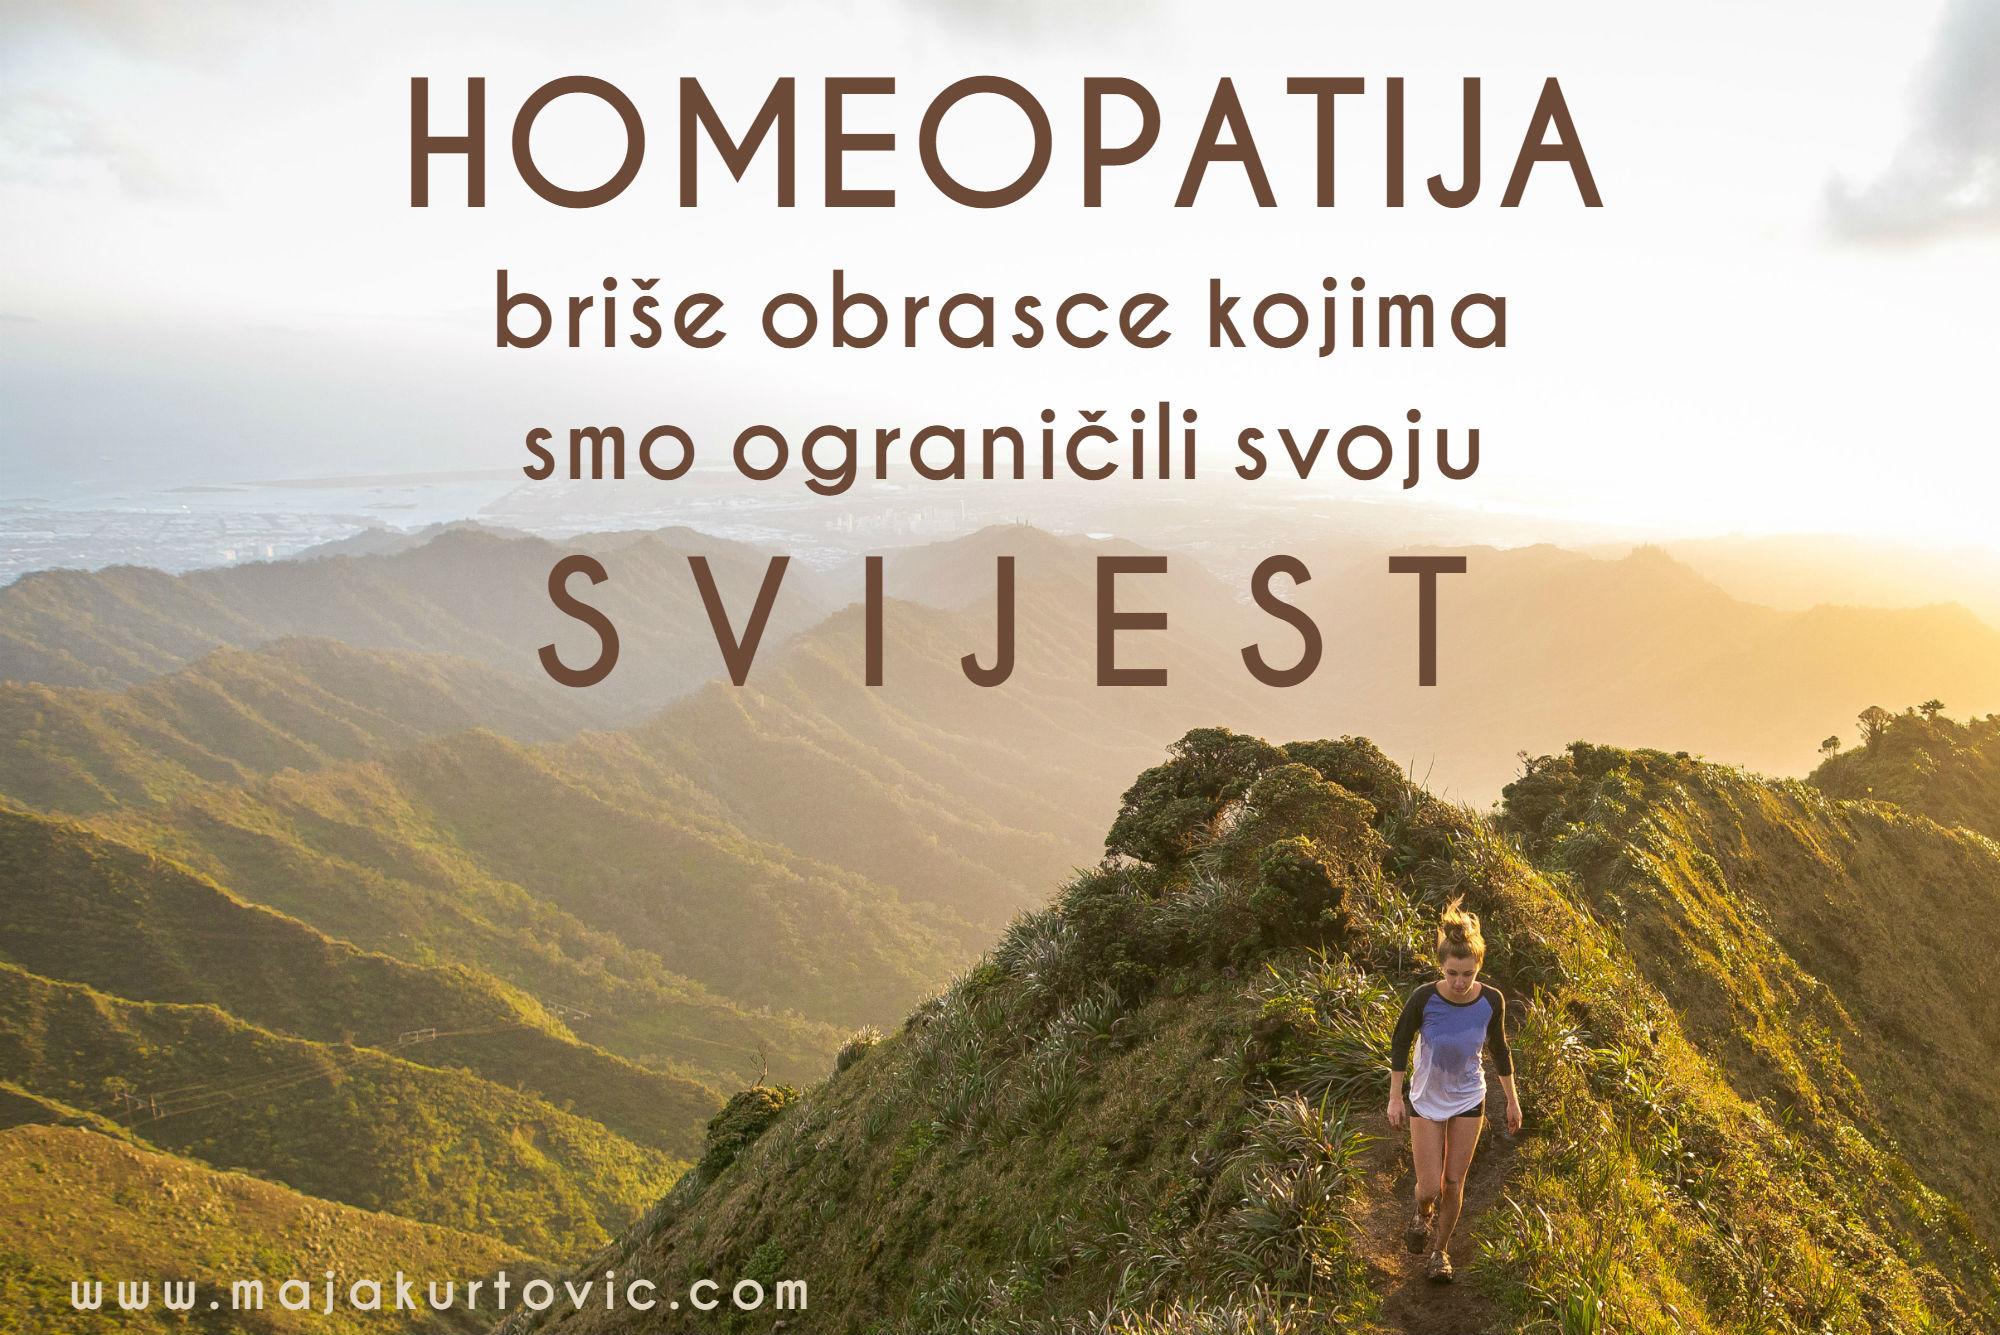 Homeopatijom širimo svijest